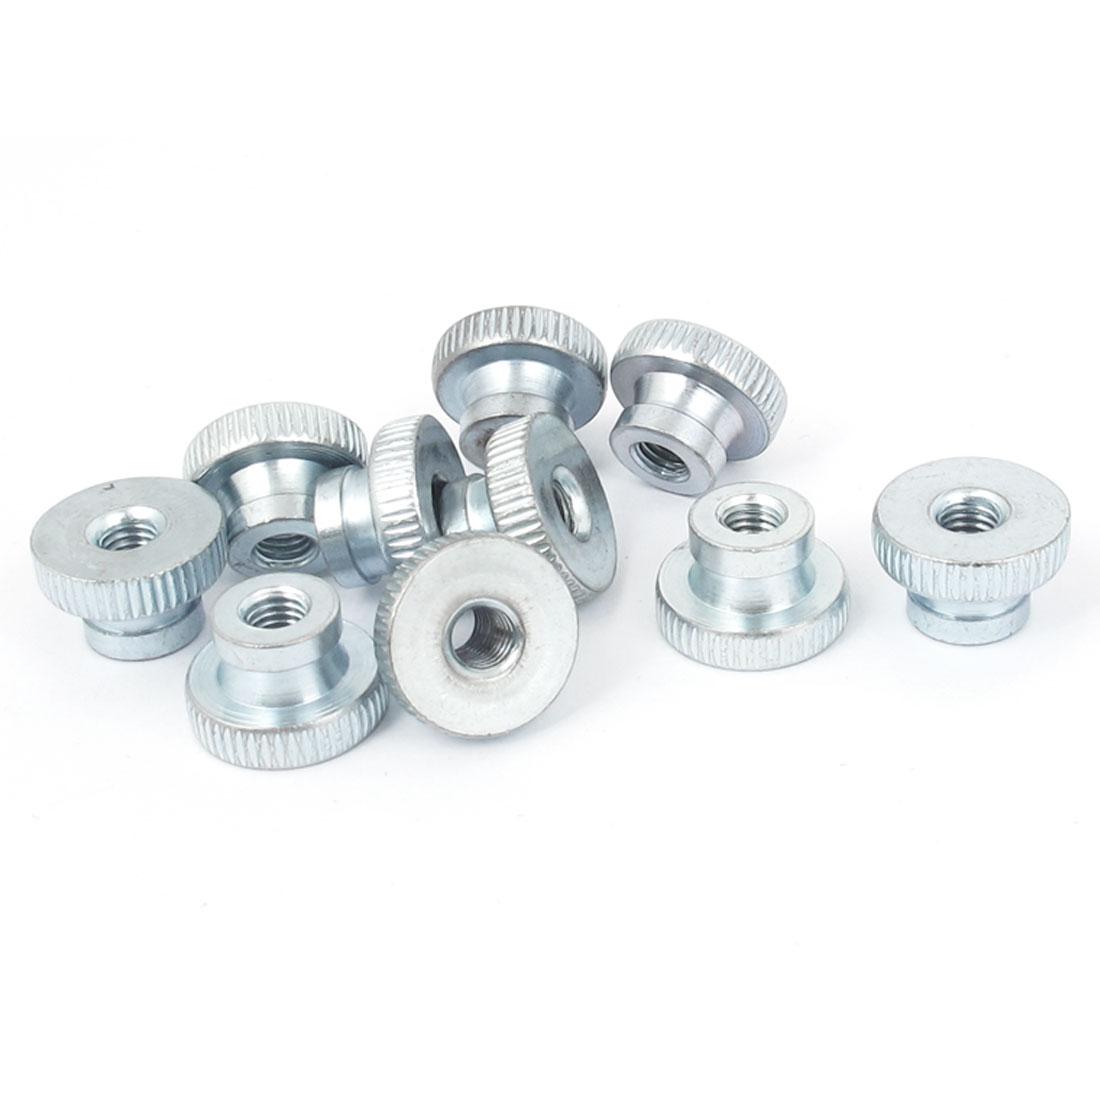 Metal Knurled Head Thumb Nut Fastener Silver Tone M5 10 Pcs